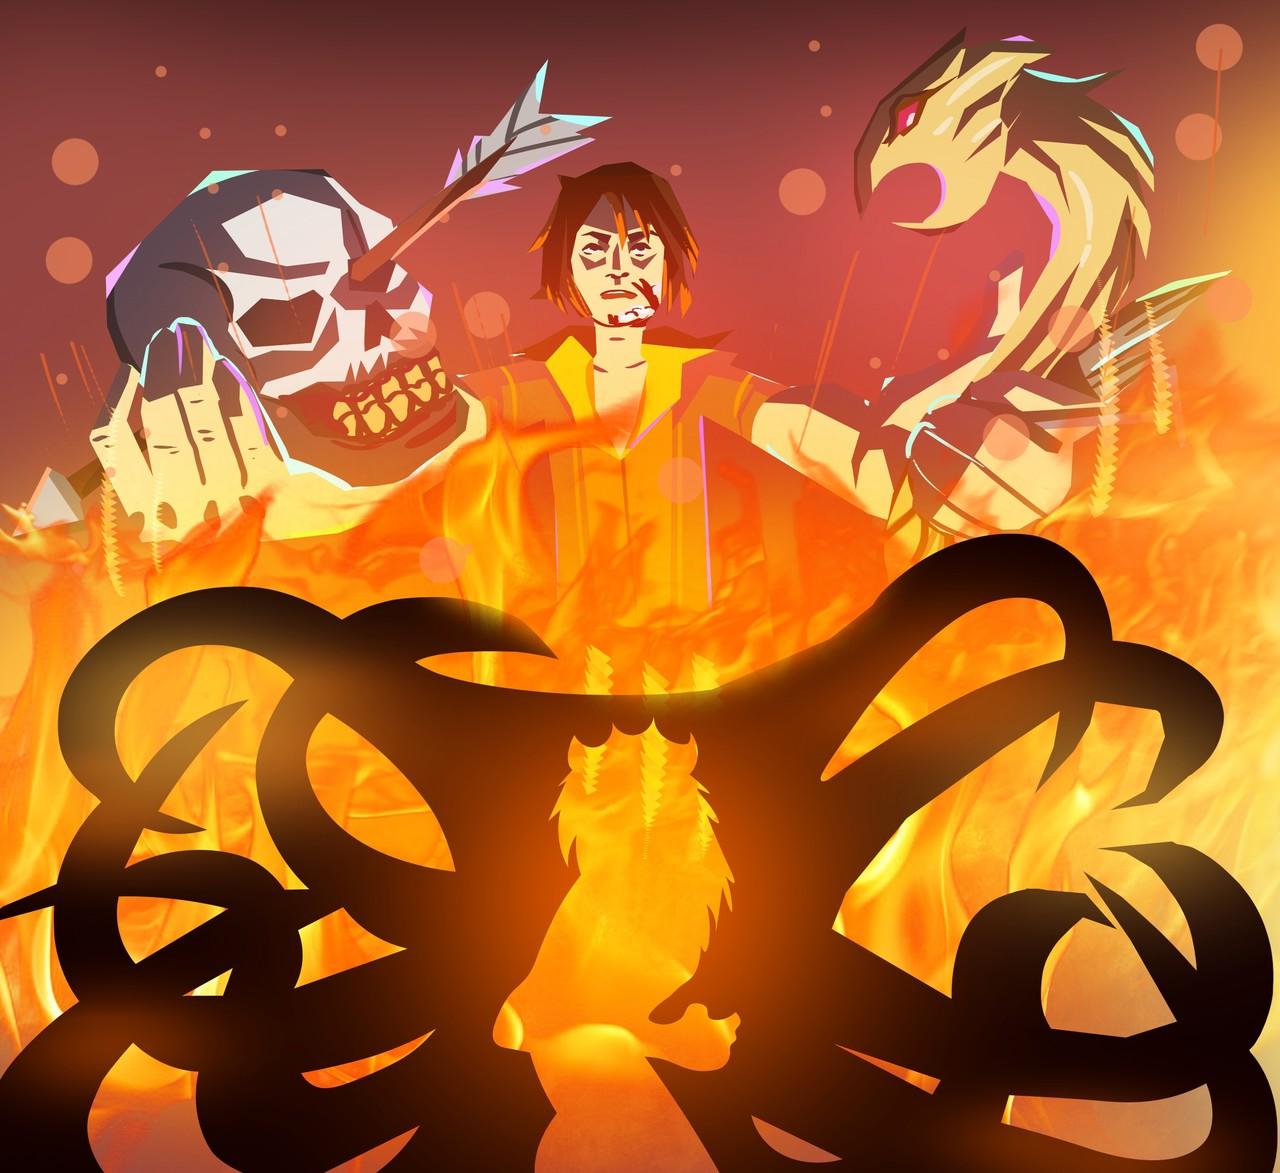 Автор фэнтези-комикса «Верингер: Сущность»— одедлайнах и вдохновении 2